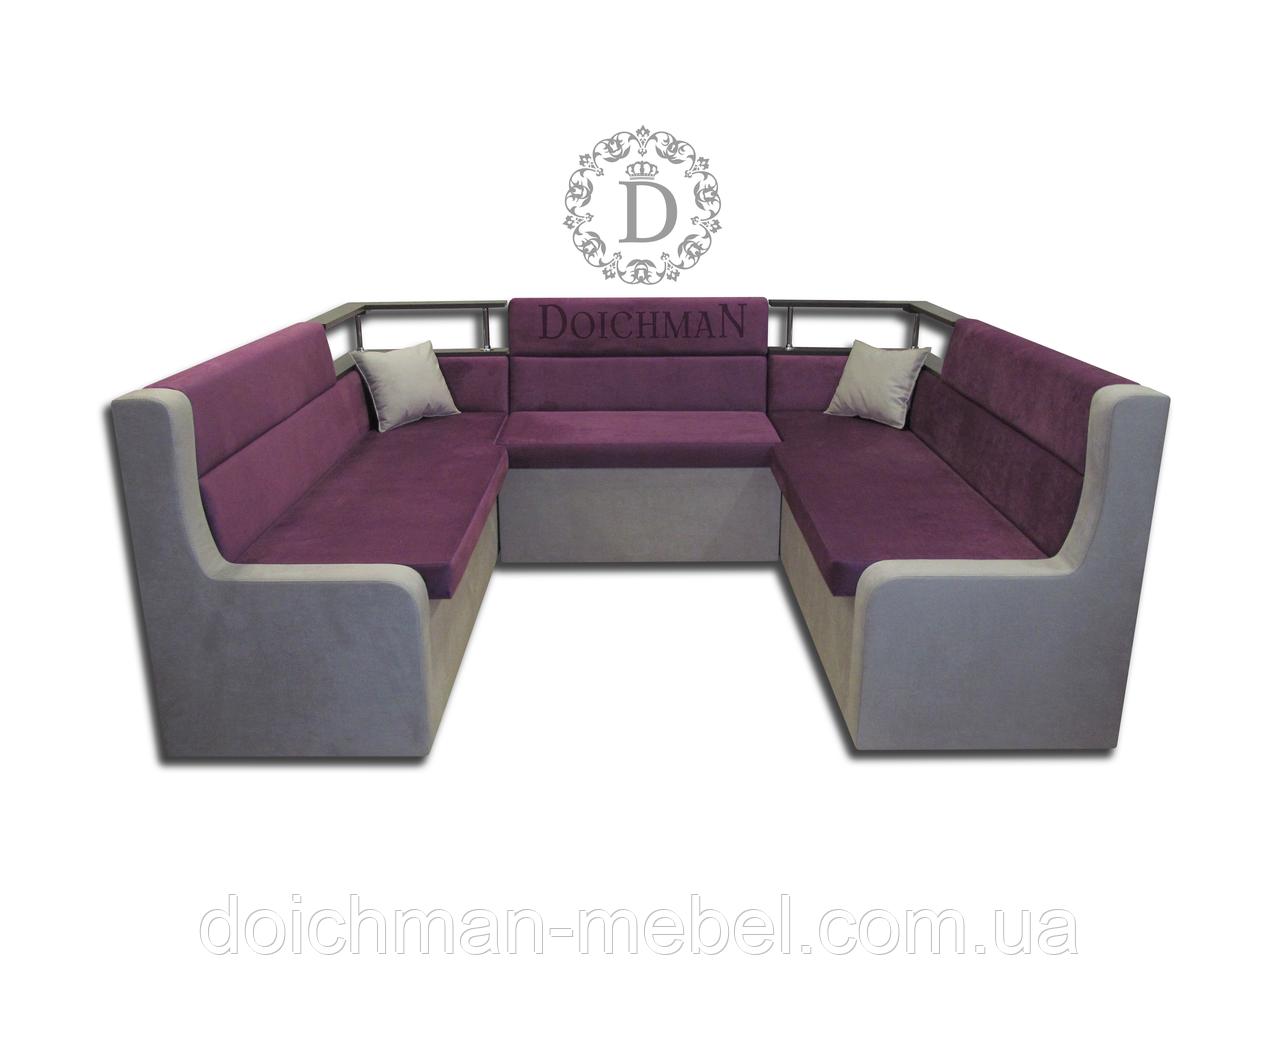 П-подібний диван для кафе, бару, клубу на замовлення